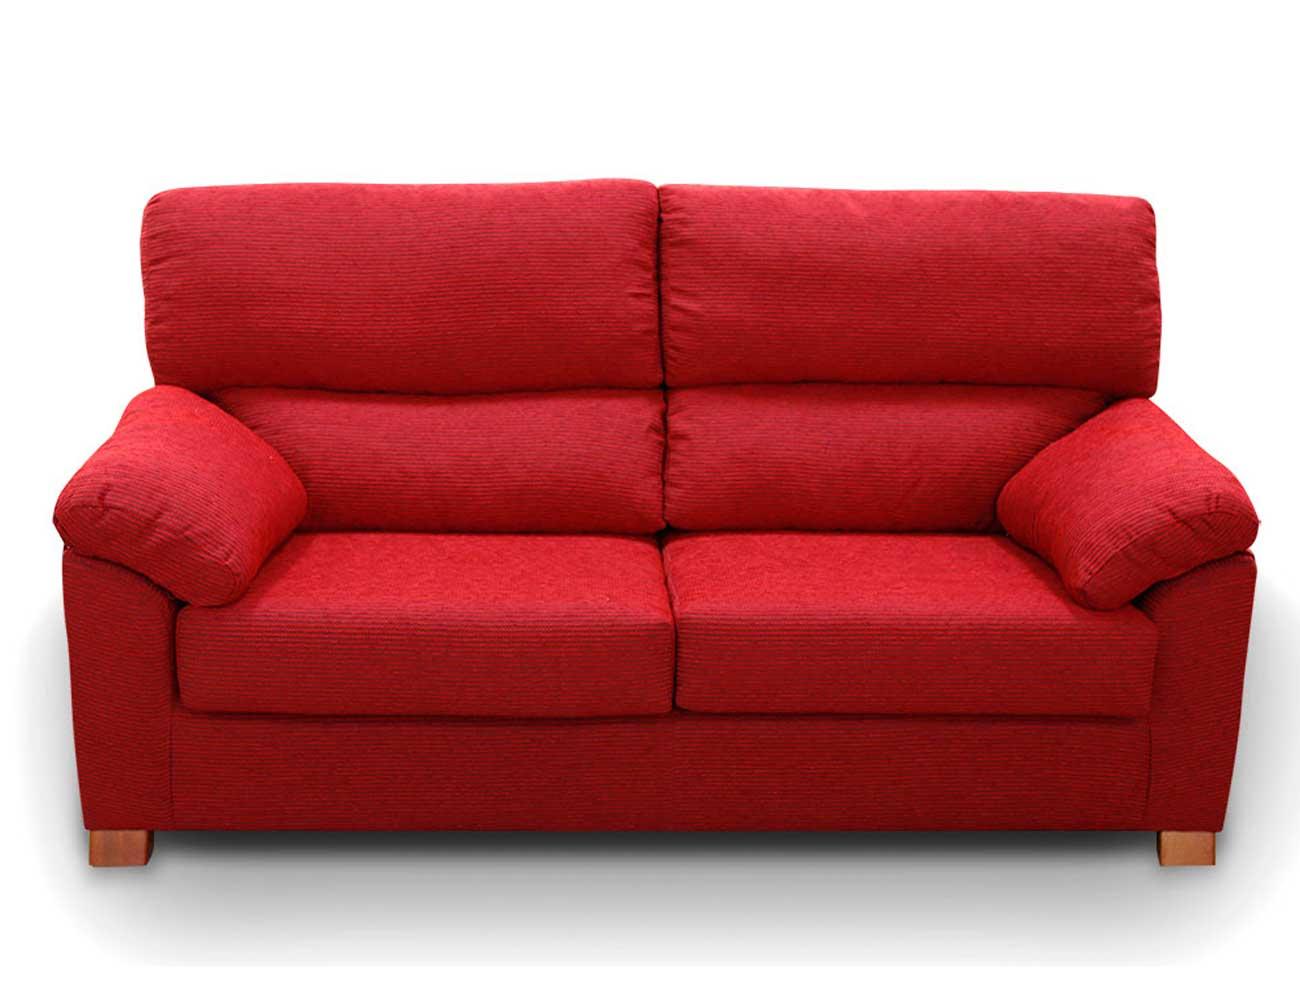 Sofa barato 3 plazas rojo15